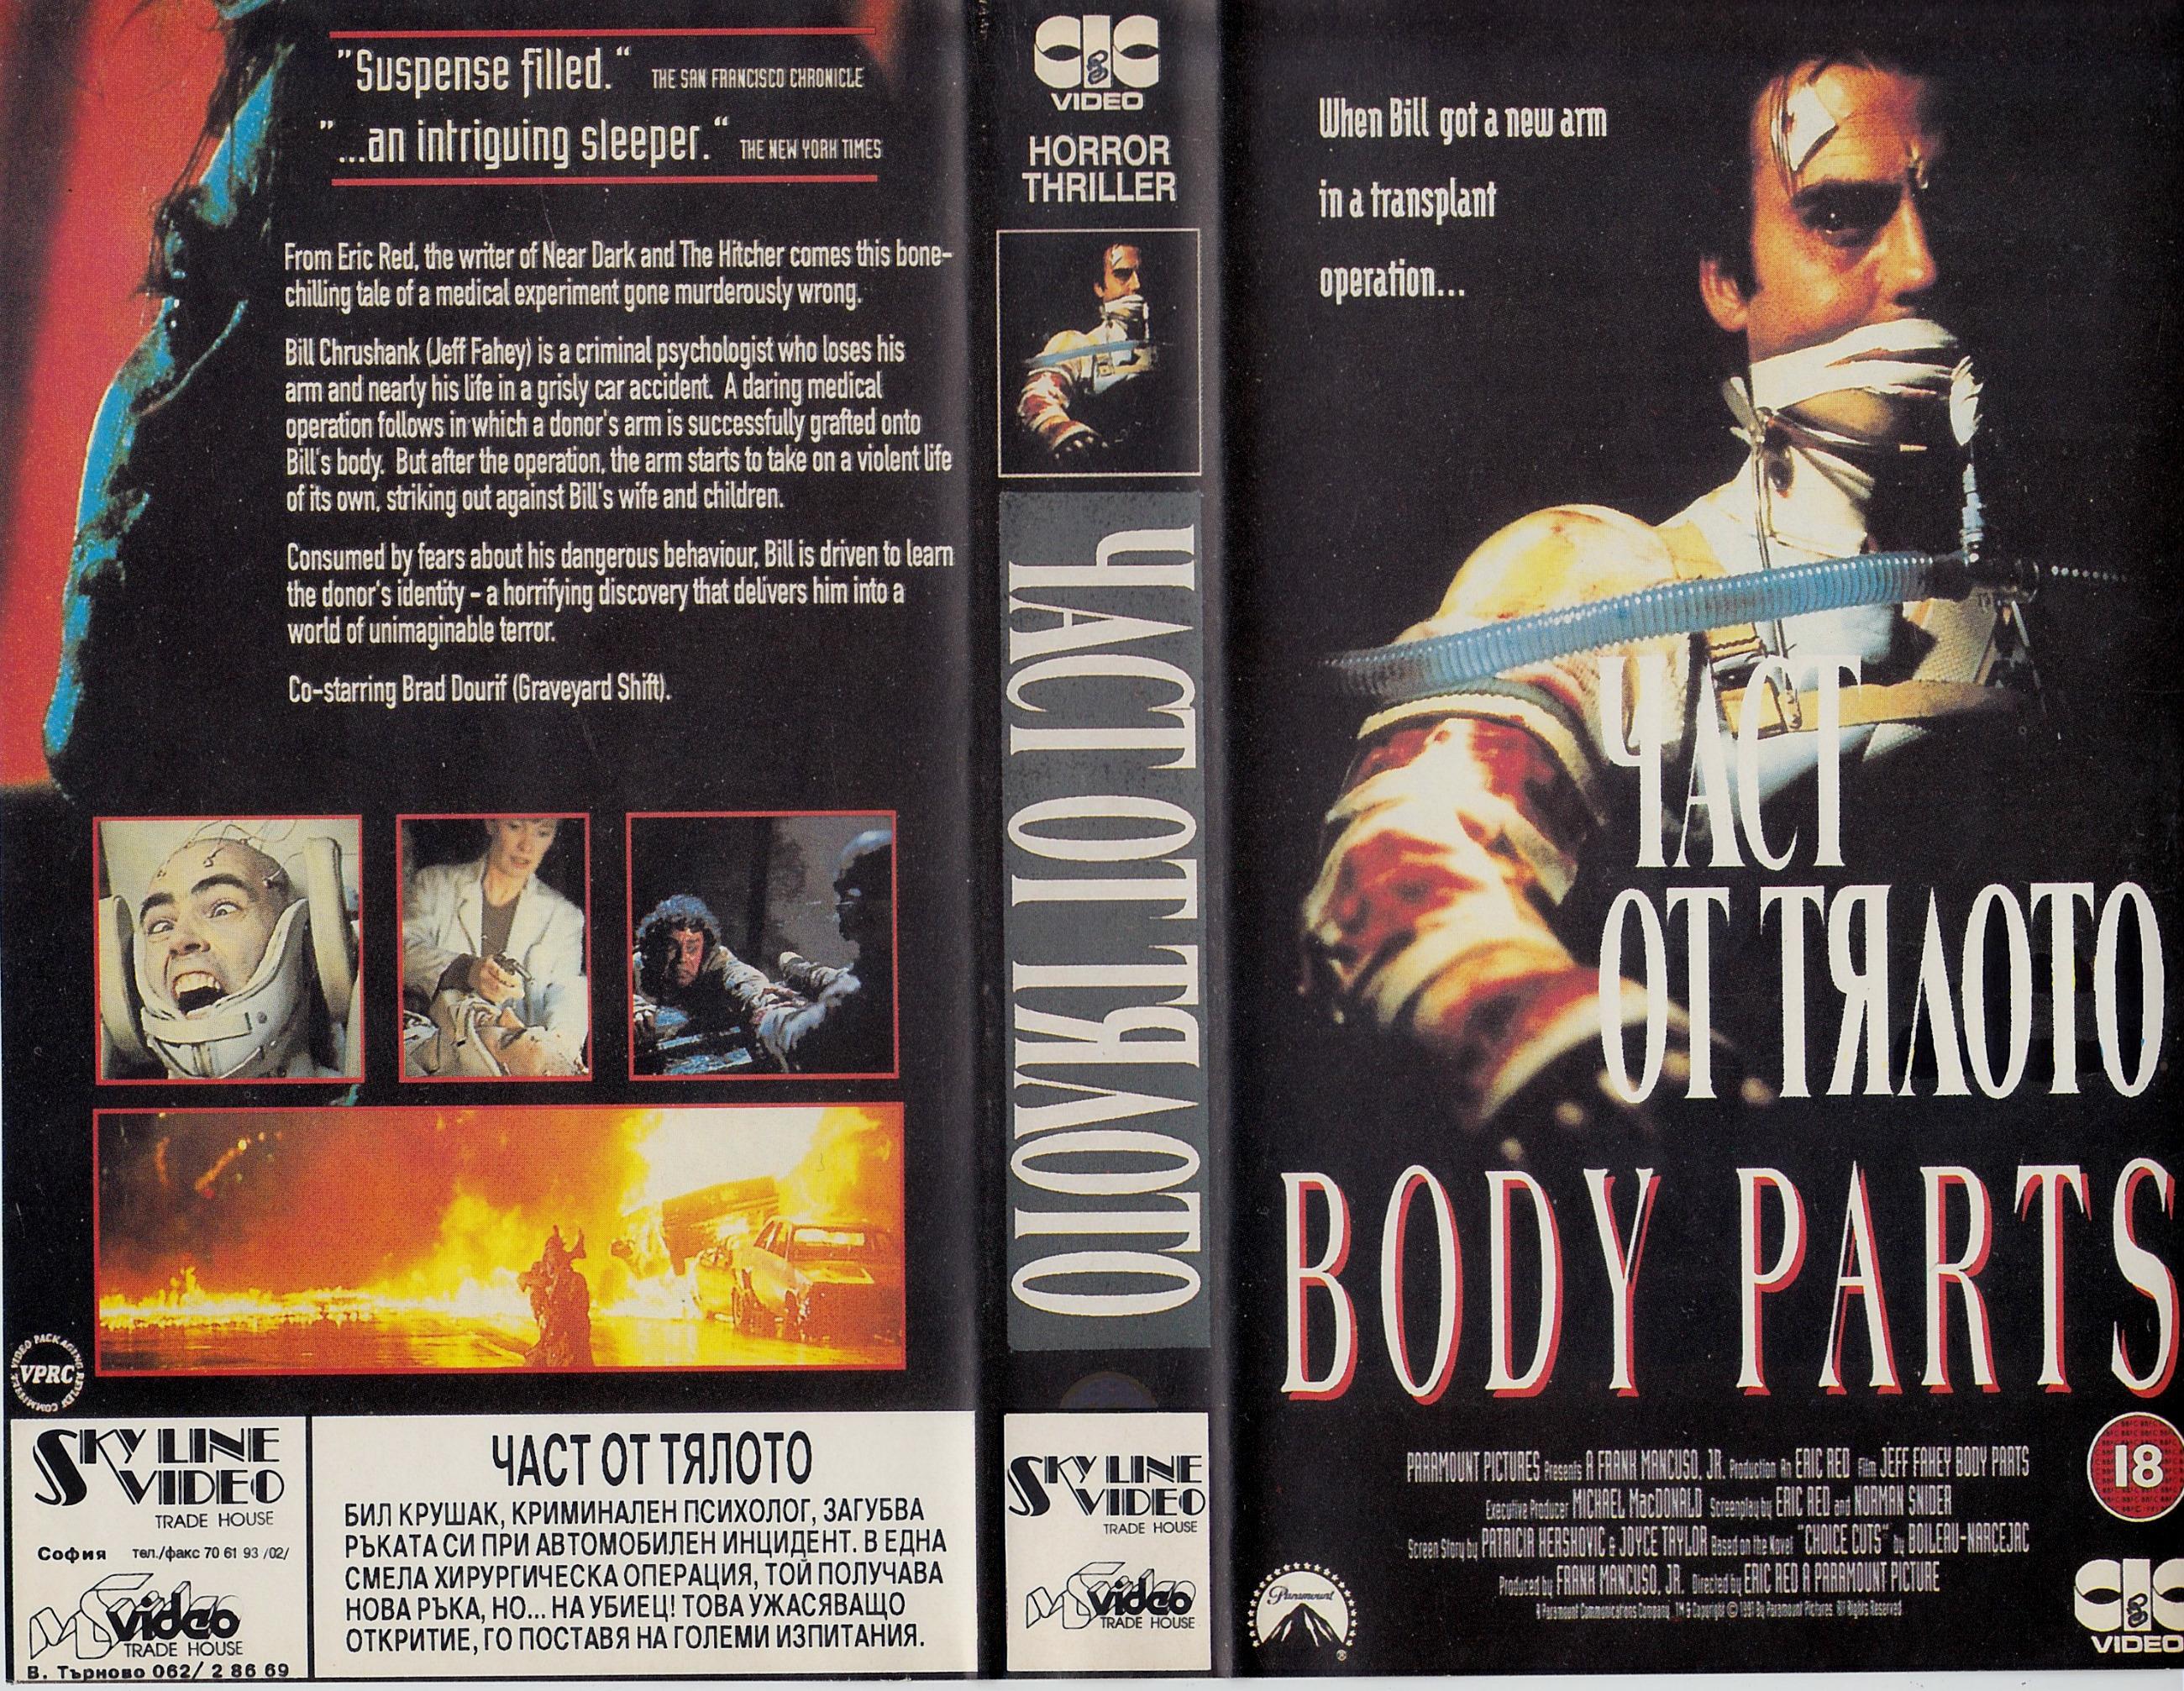 Част от тялото филм